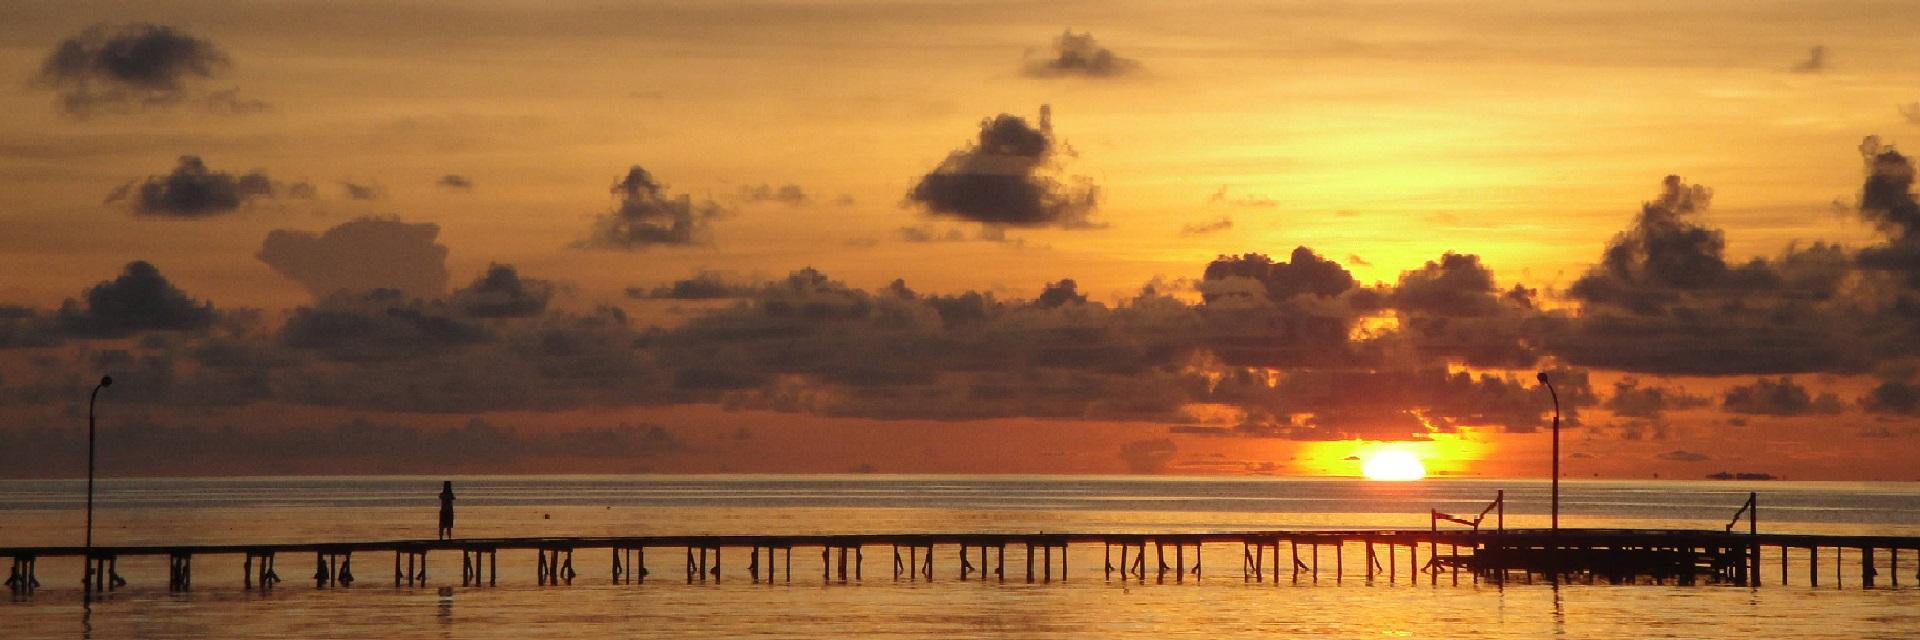 Berburu Sunset di Malang? Yuk ke 5 Pantai Eksotis Ini